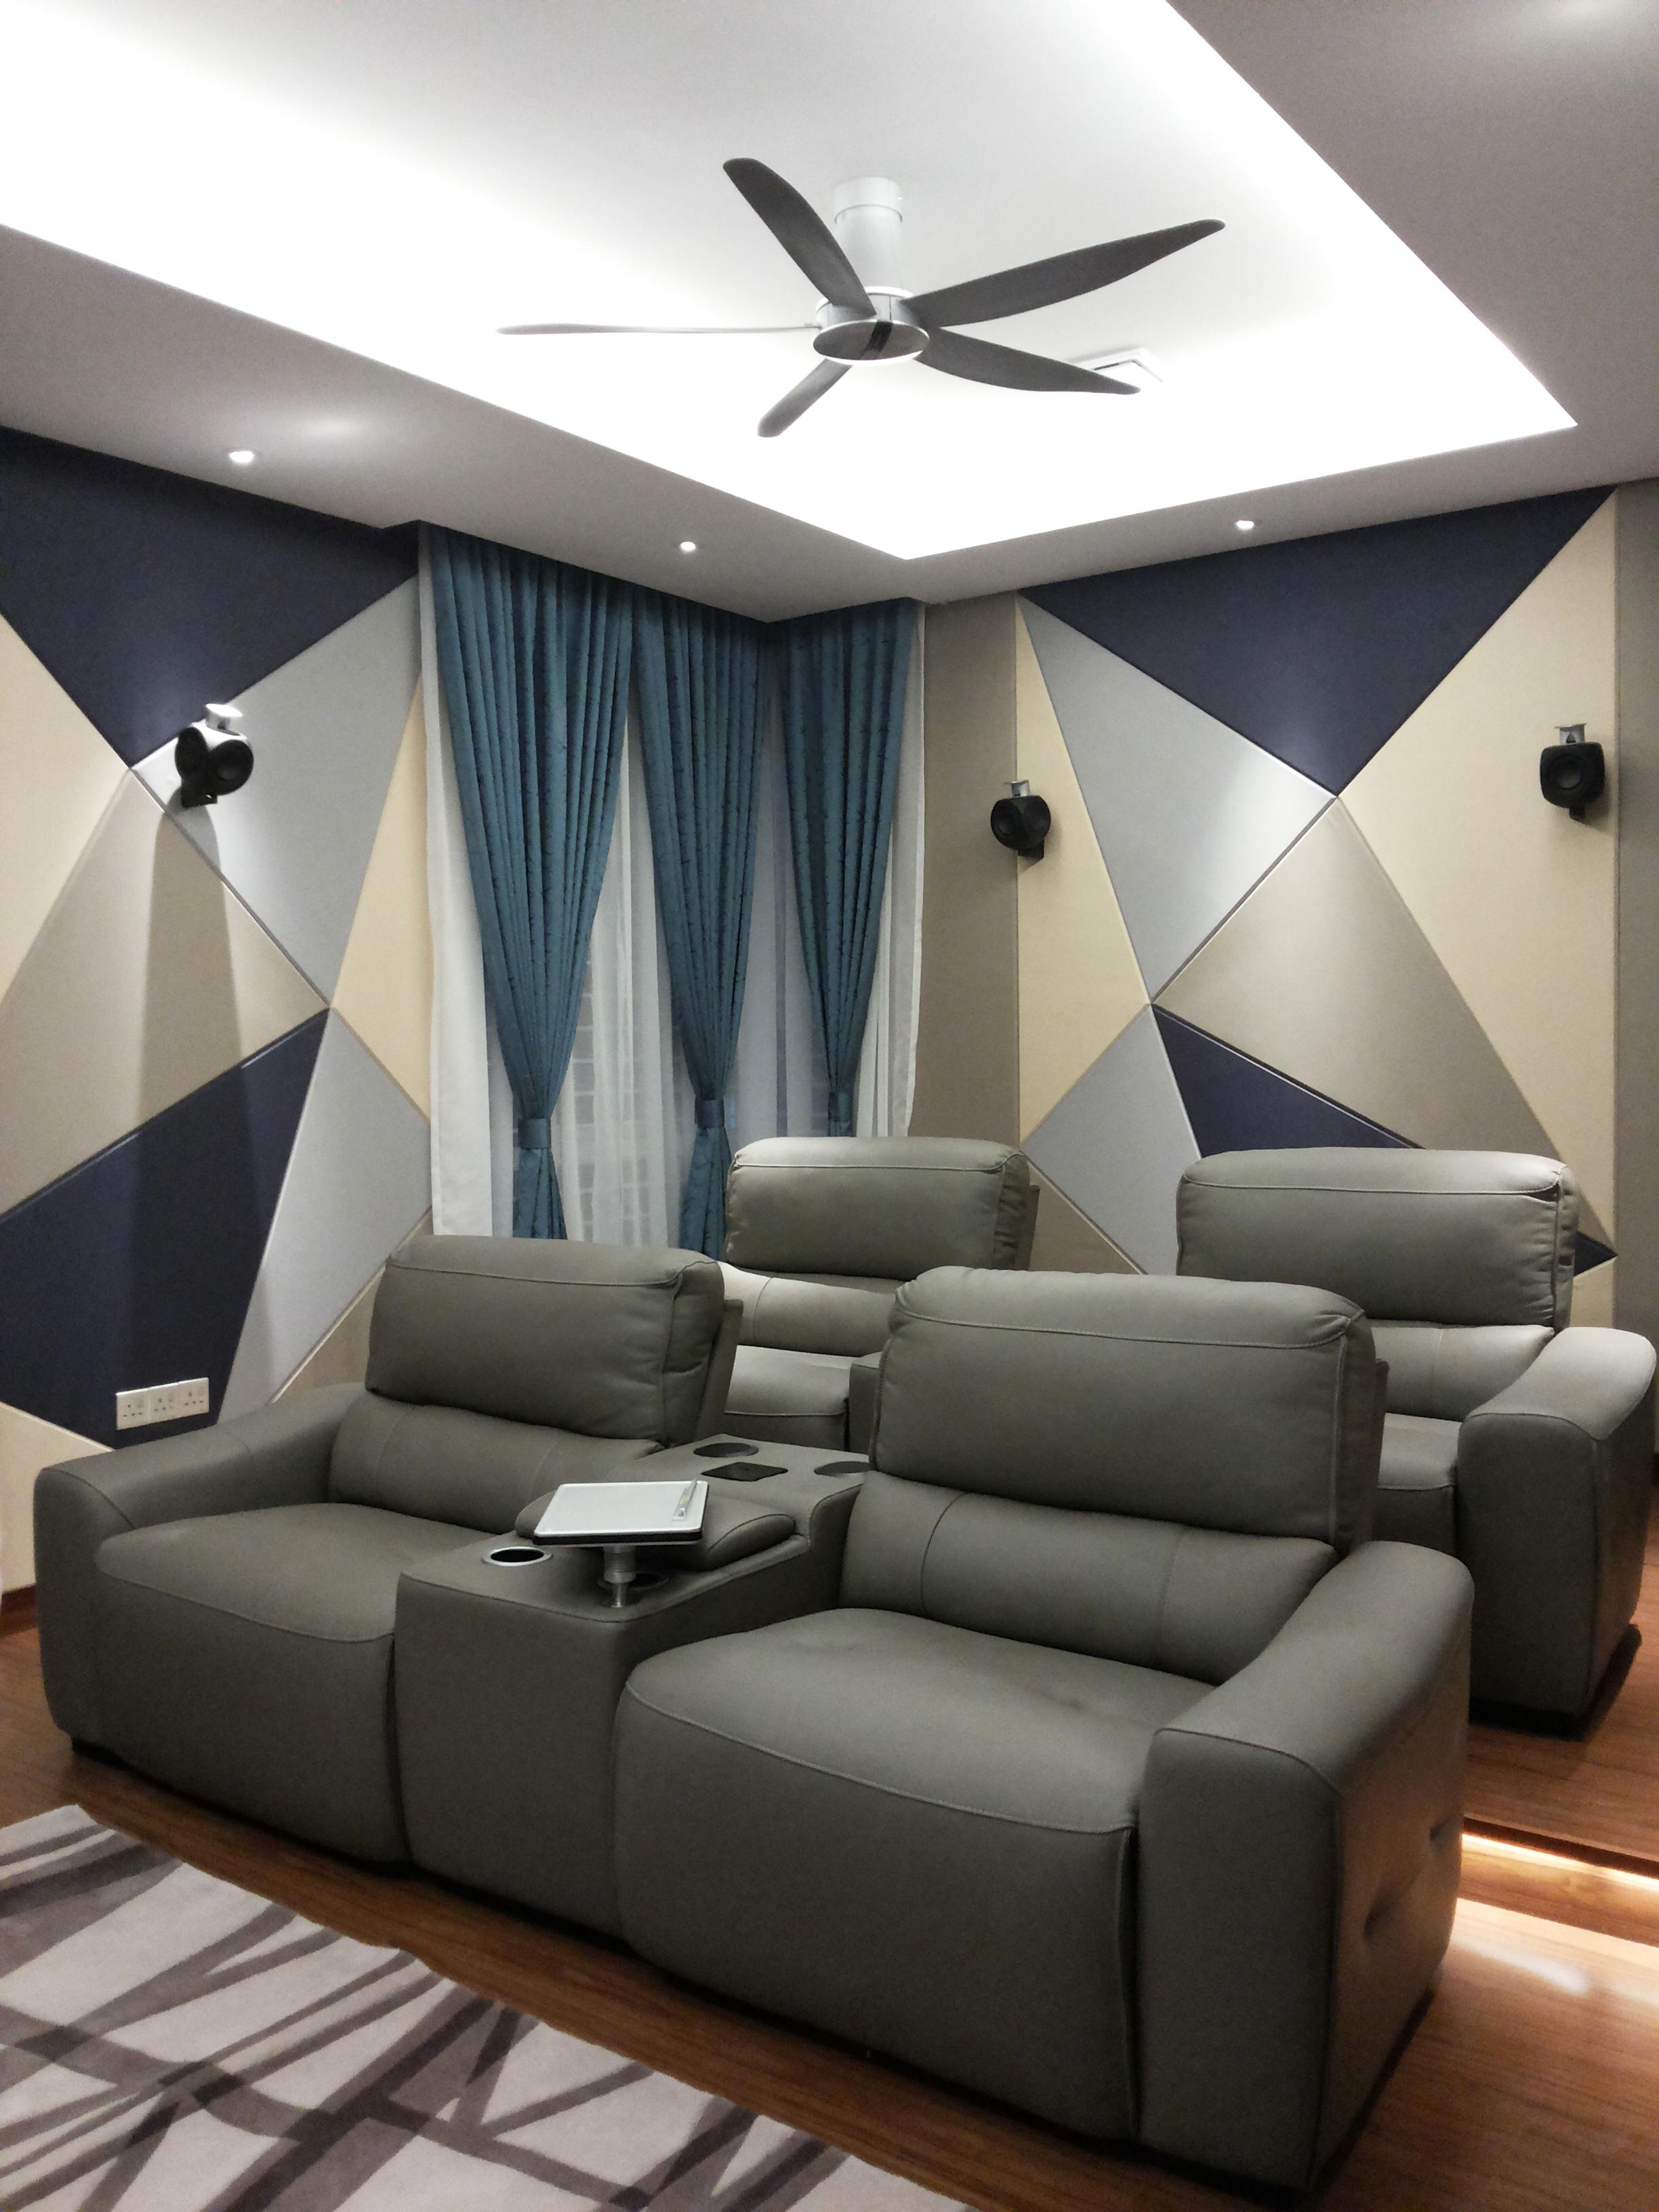 Mini Cinema Room